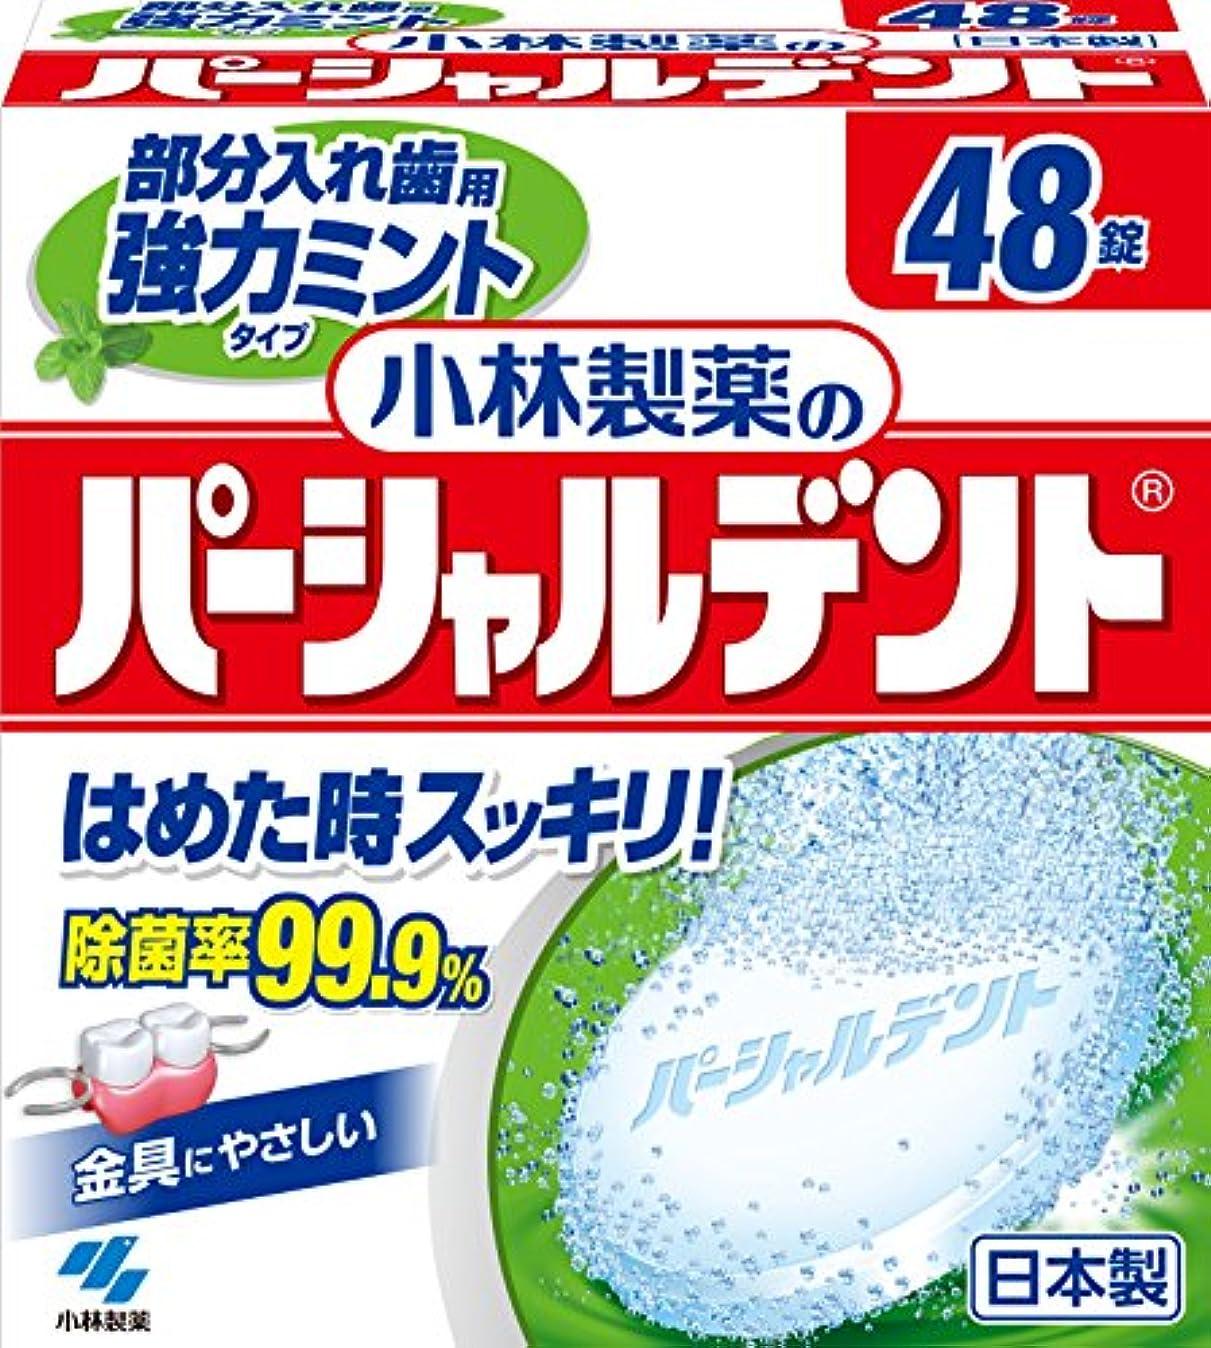 適応する織機毎日小林製薬のパーシャルデント強力ミント 部分入れ歯用 洗浄剤 ミントの香り 48錠